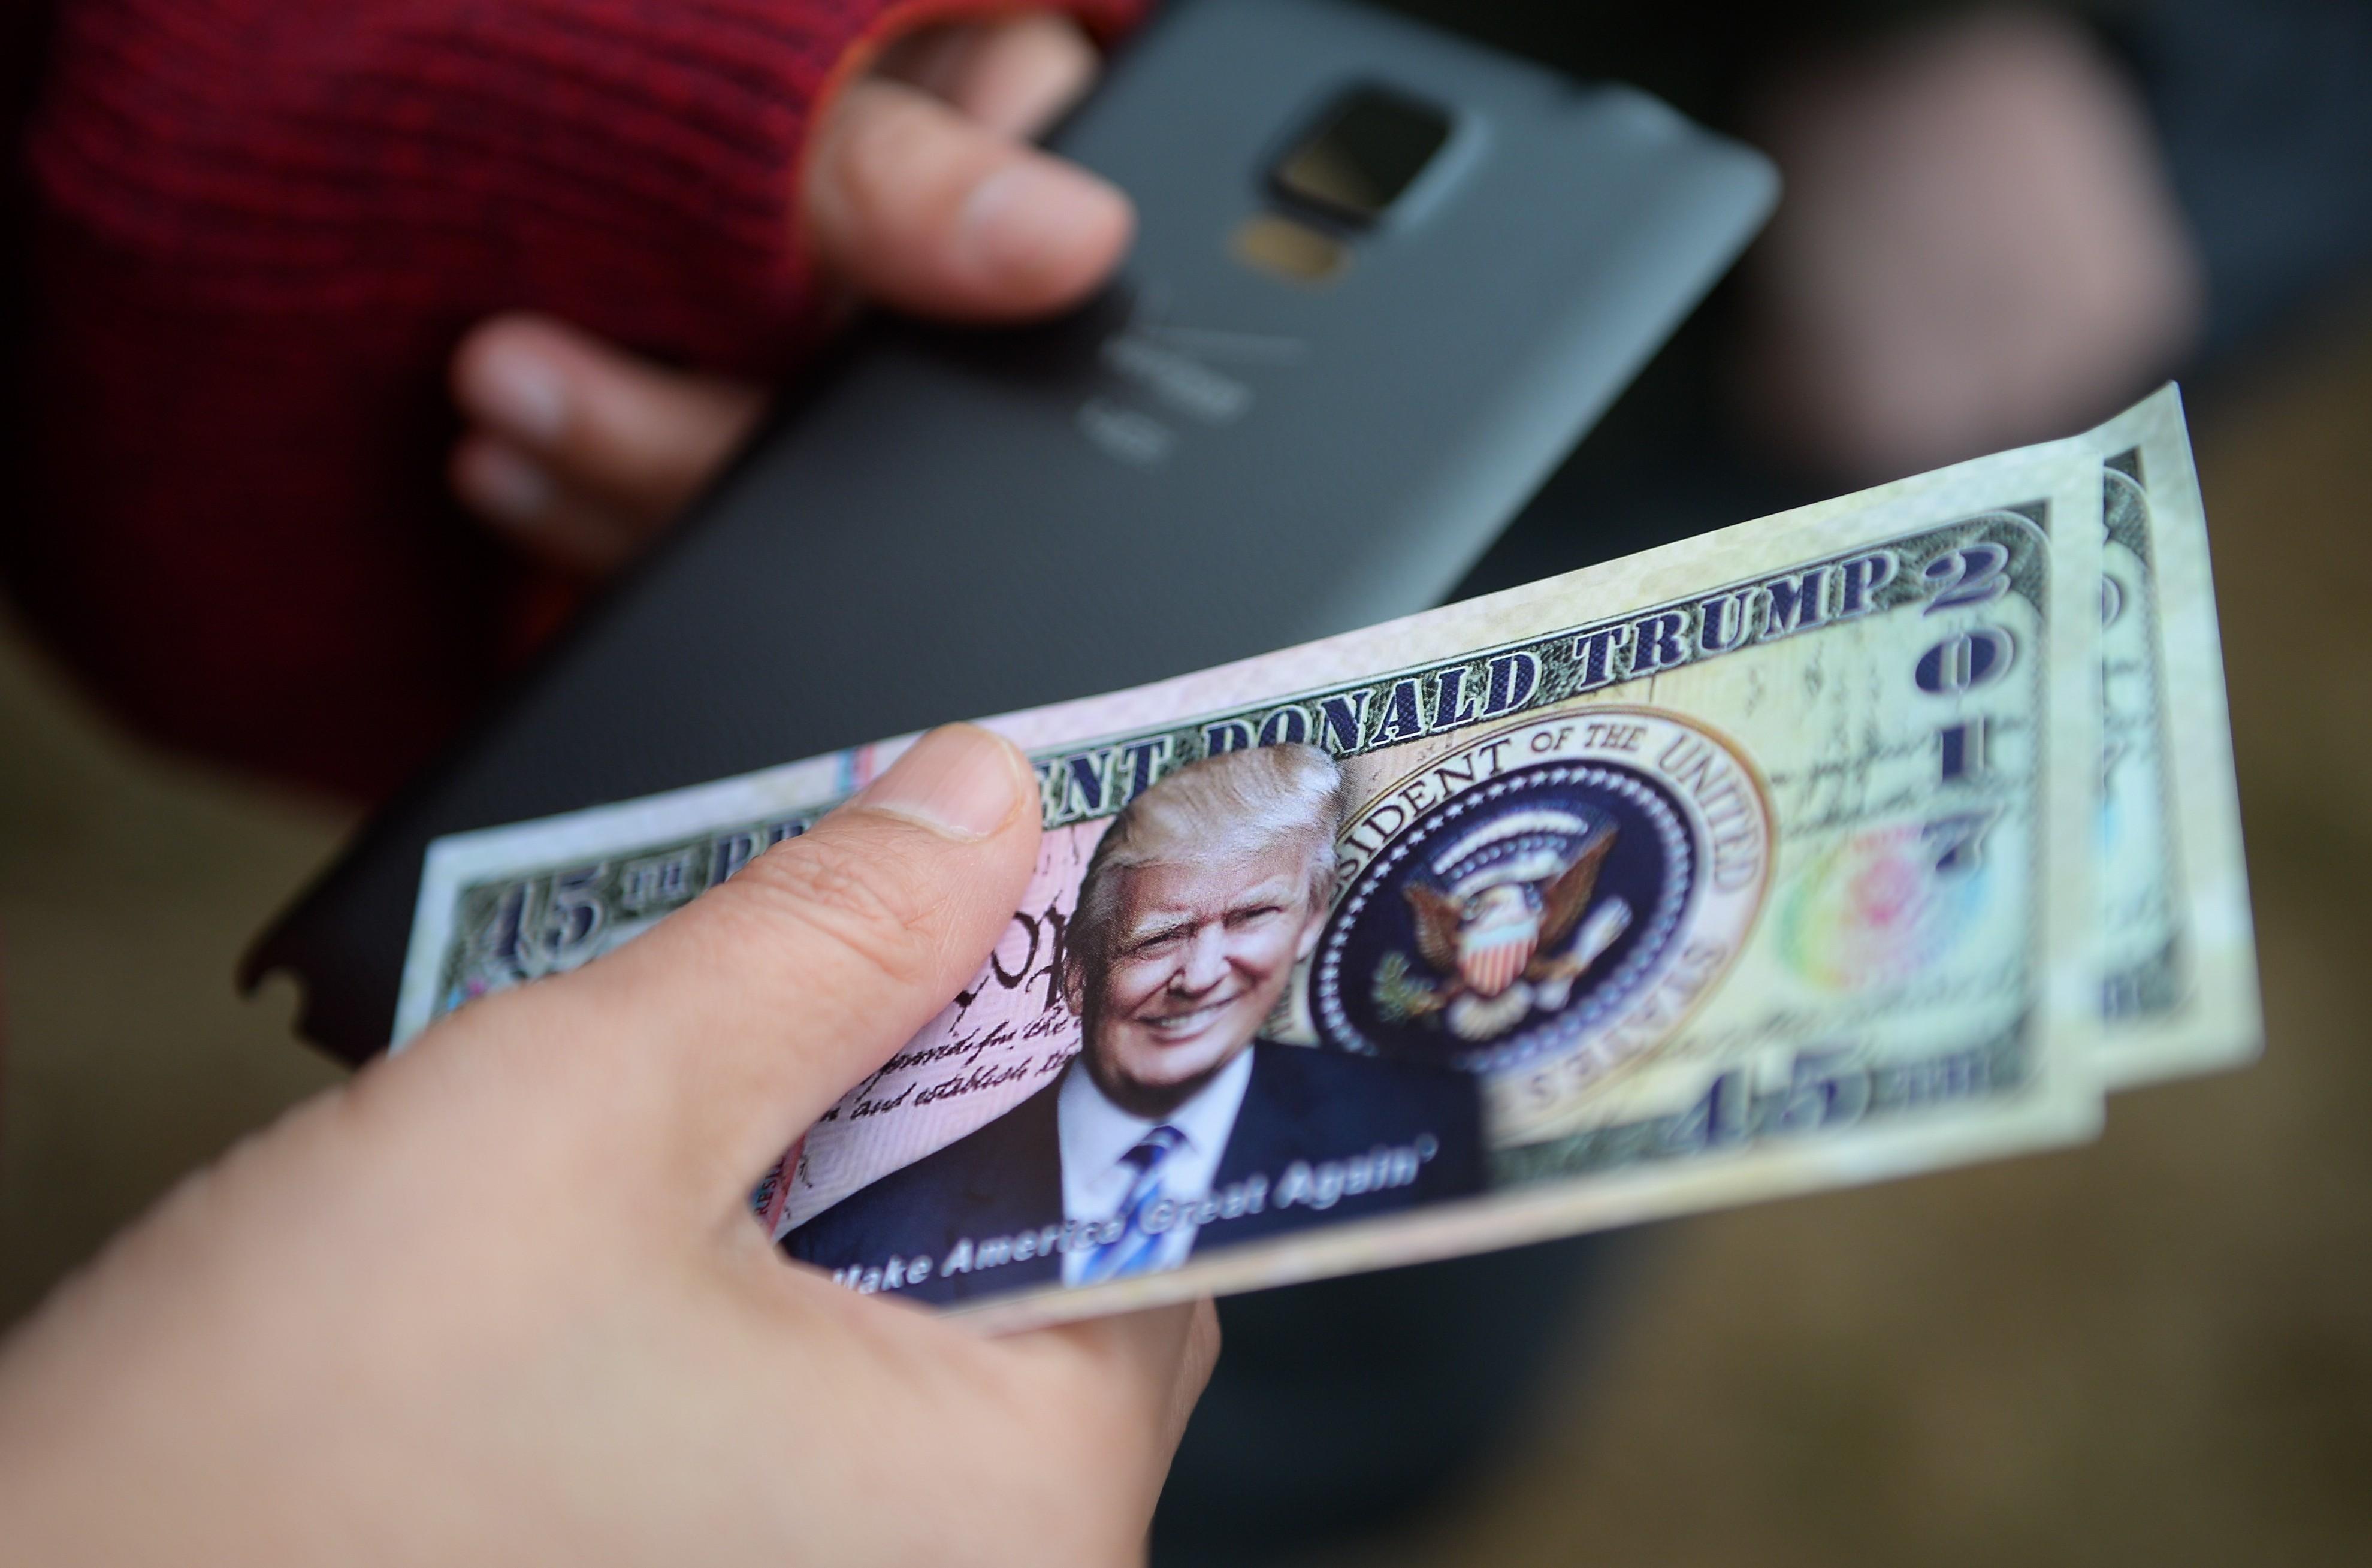 <p><span>Сувенирные банкноты с изображением Дональда Трампа.&nbsp;Фото: &copy;РИА Новости/Владимир Астапкович</span></p>